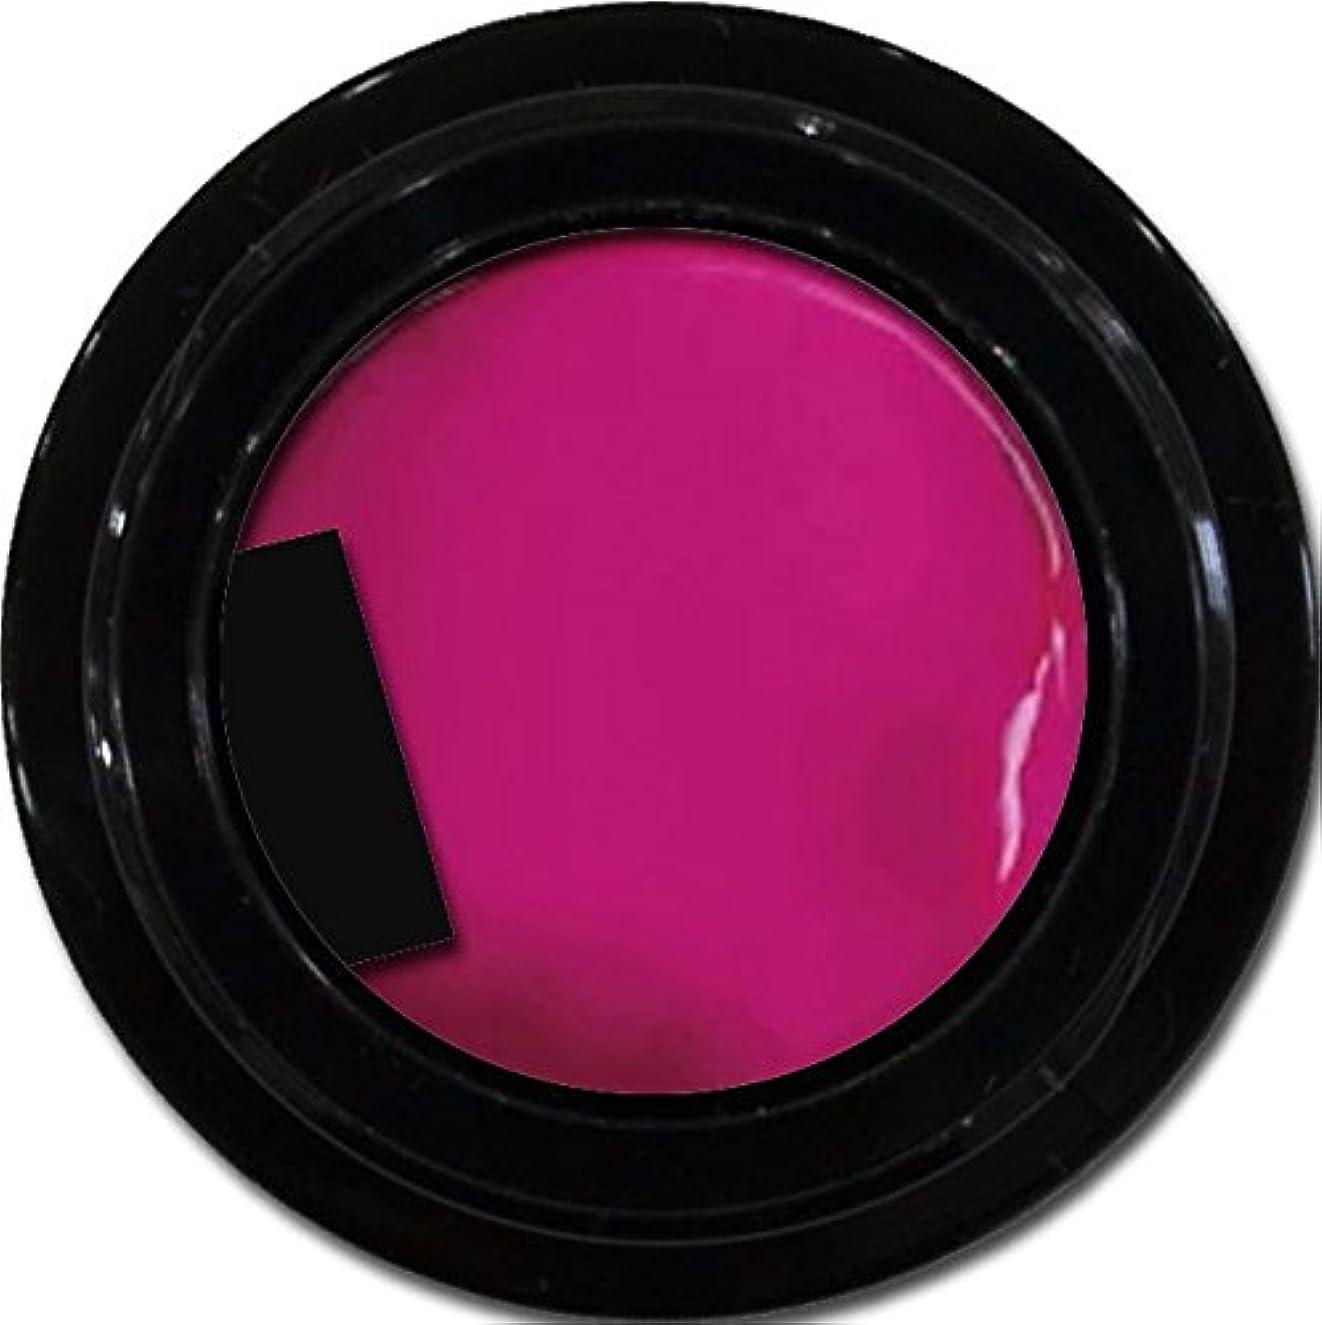 州シャッフル光沢カラージェル enchant color gel M214 NeoPink 3g/ マットカラージェル M214 ネオピンク 3グラム